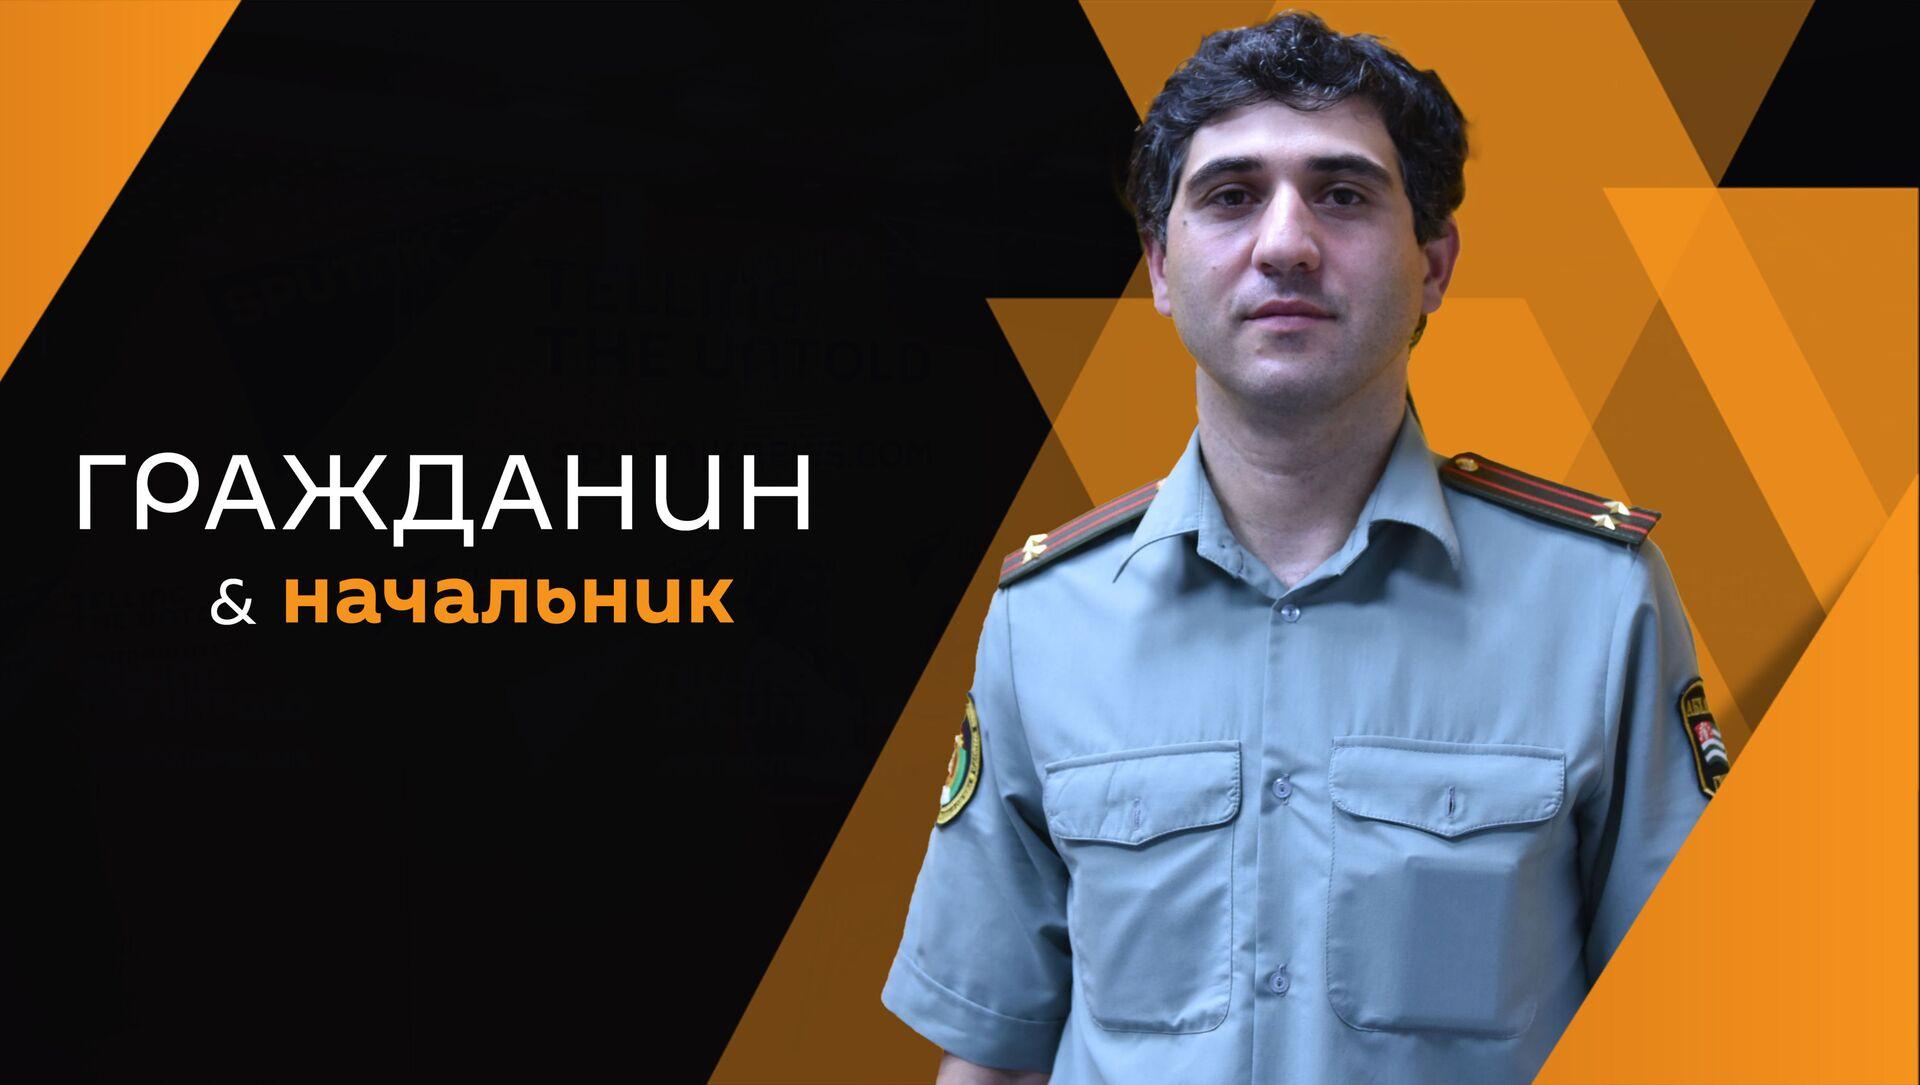 Вячеслав Бганба - Sputnik Абхазия, 1920, 27.07.2021